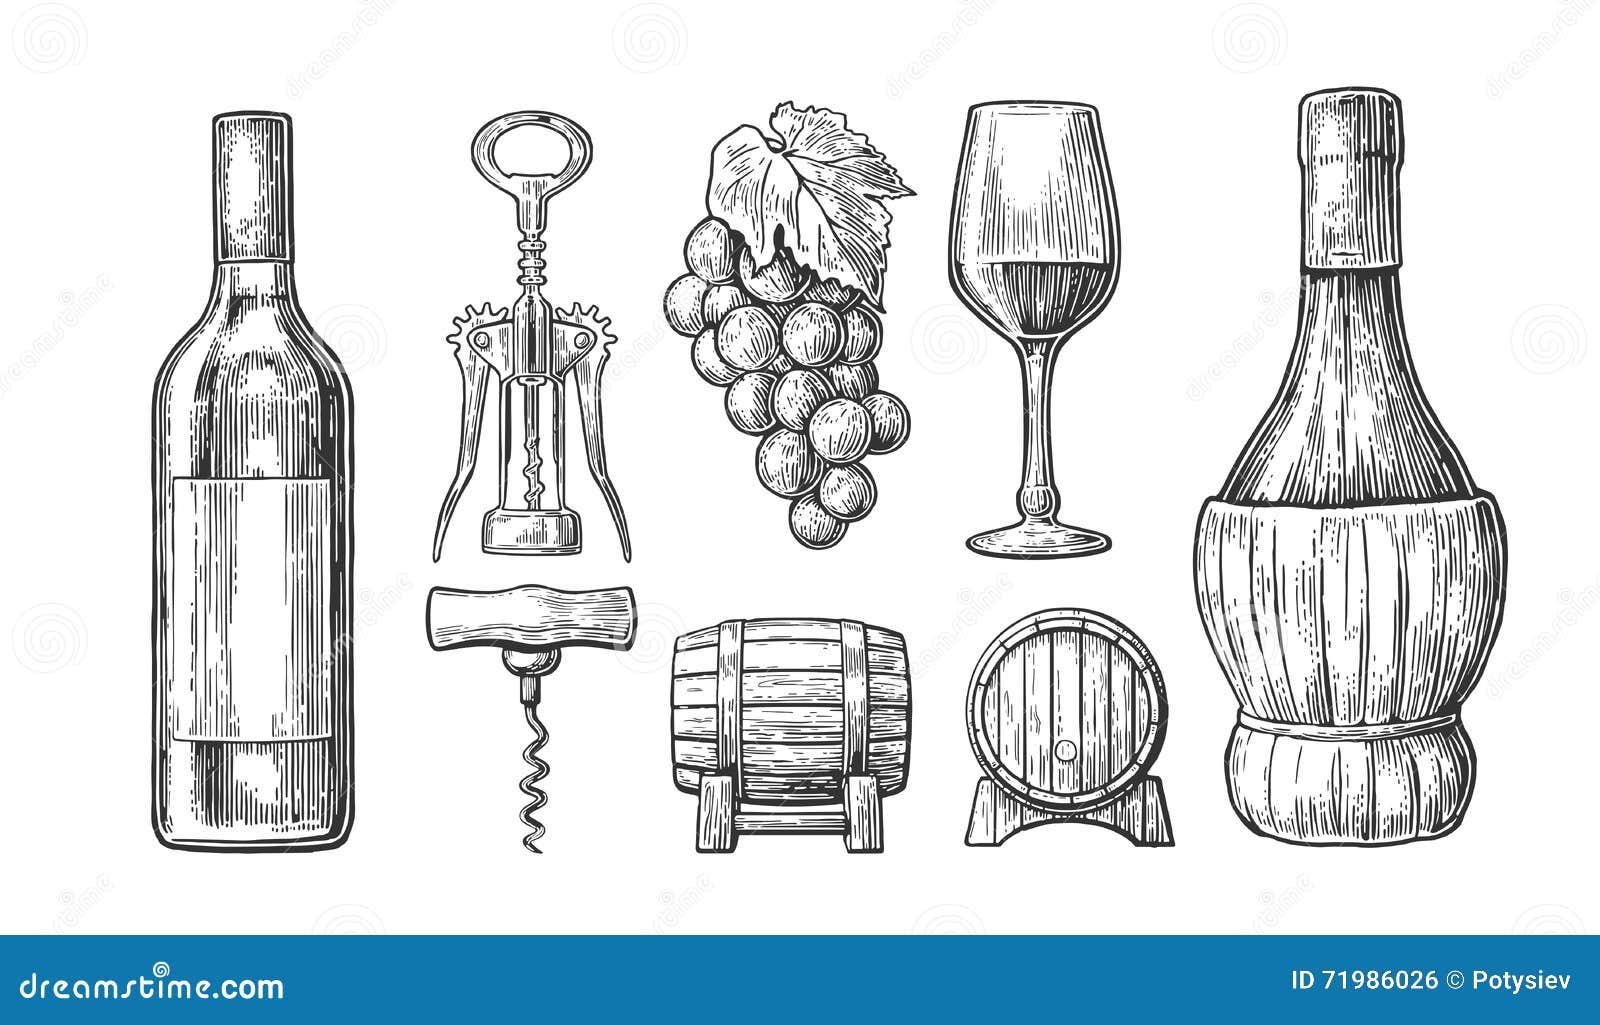 Sechs Weinflaschen Und Sieben Gläser Für Weißen Wein Flasche, Glas ...